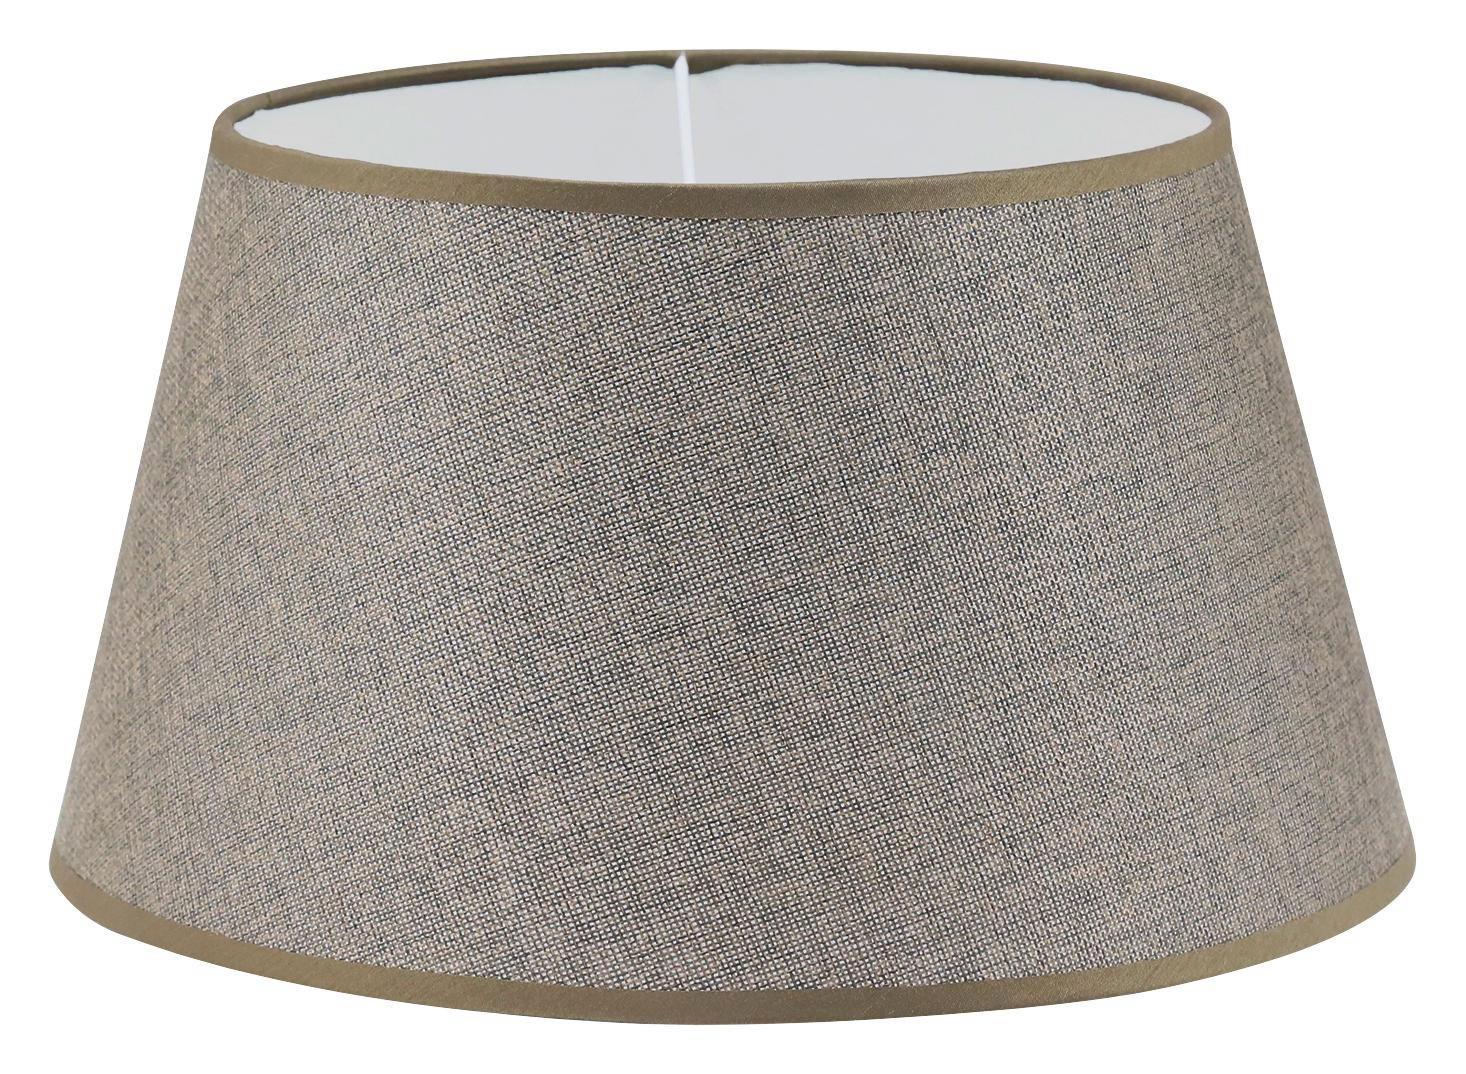 LEUCHTENSCHIRM  Braun  Textil  E27 - Braun, Design, Textil (35/19cm) - MARAMA